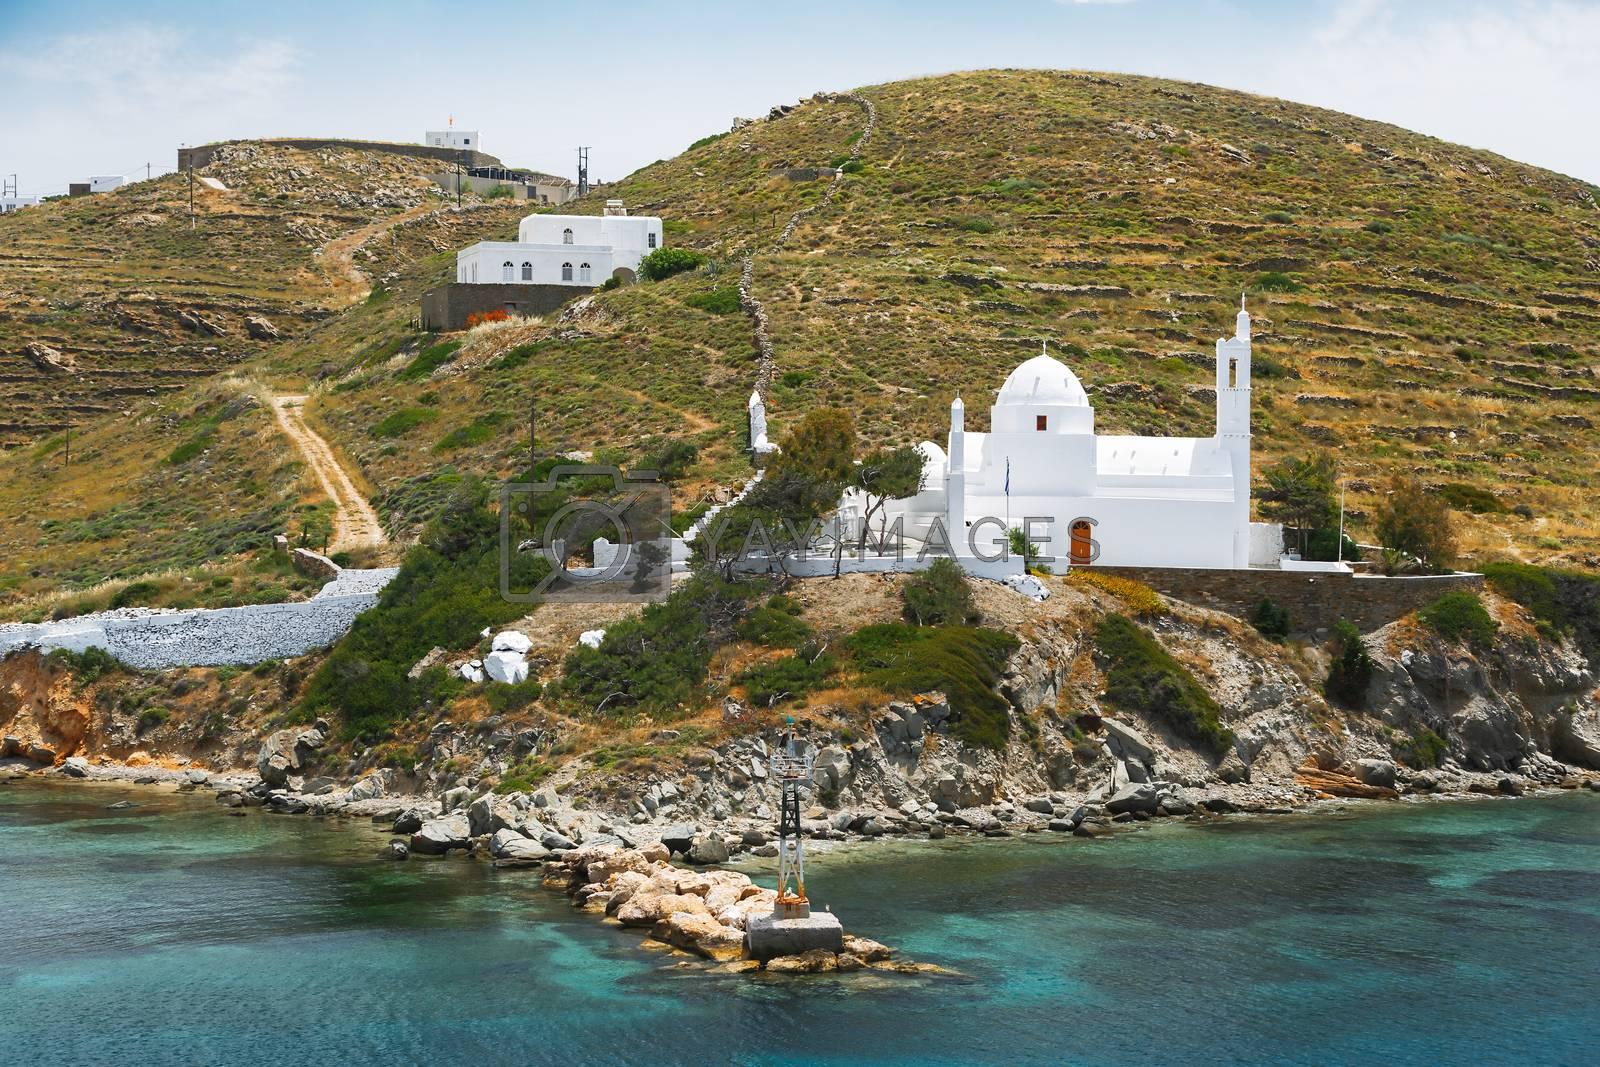 Church of Agia Irini (Saint Irene)  near the Ormos harbour, Ios, Cyclades Islands,  Greece